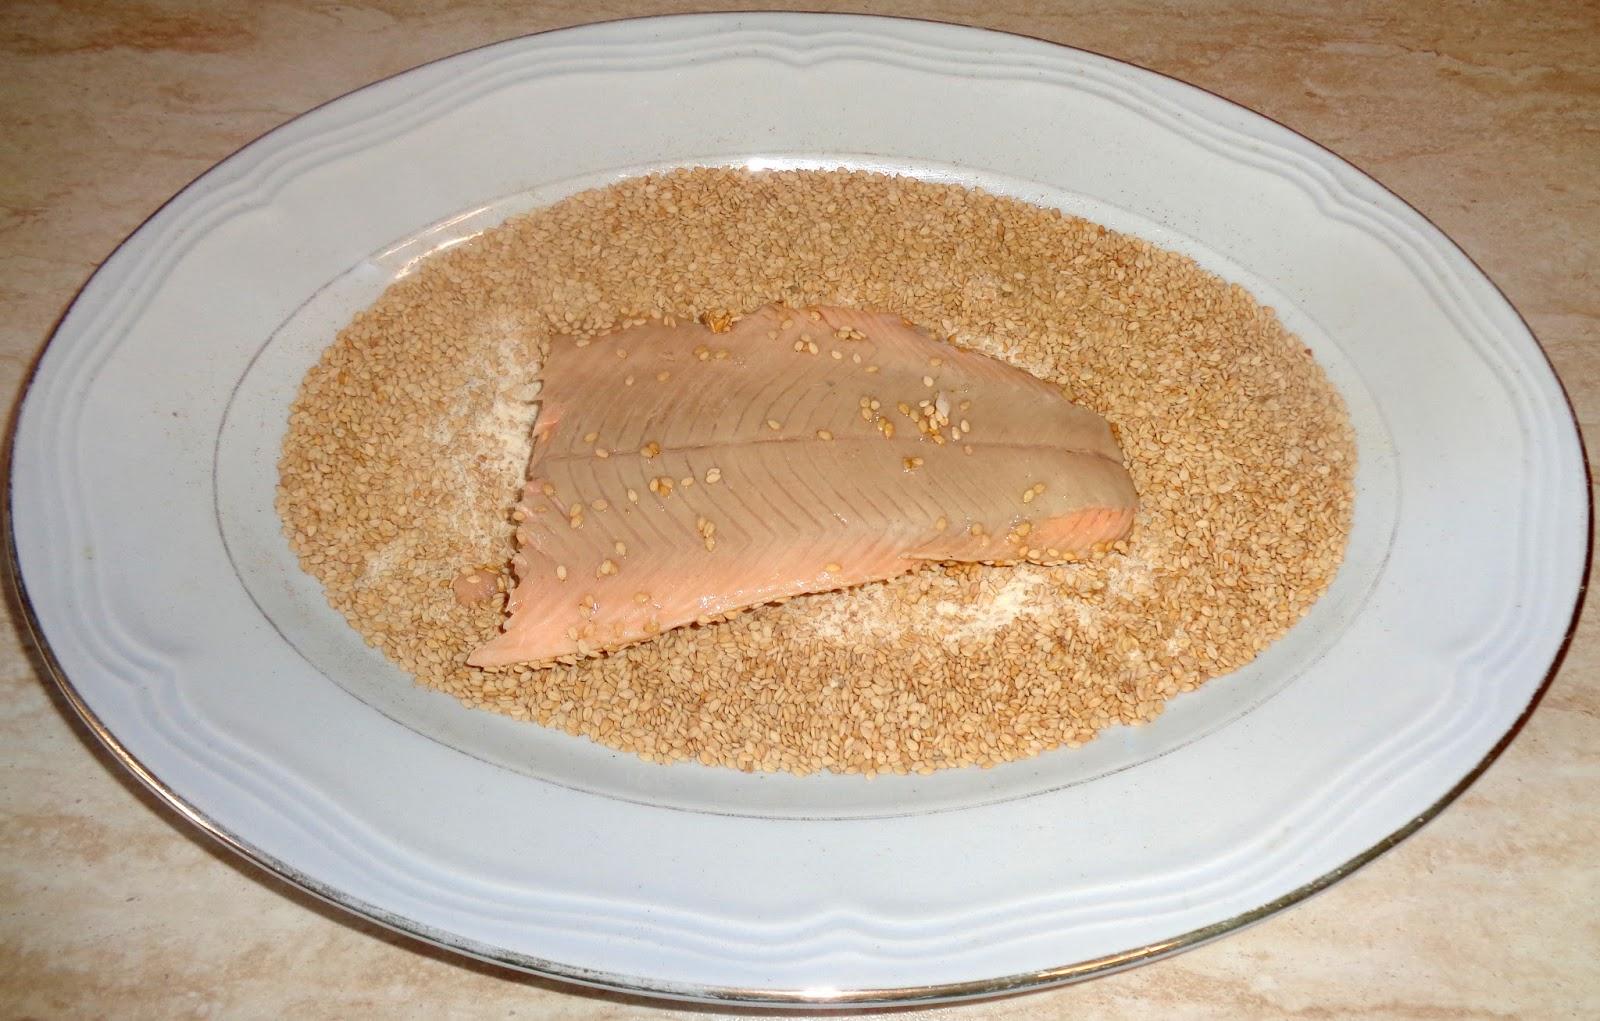 per la panure ho mescolato la farina di semola con i semi di sesamo e dopo aver bagnato i trancetti di pesce in un battuto di soli albumi duovo